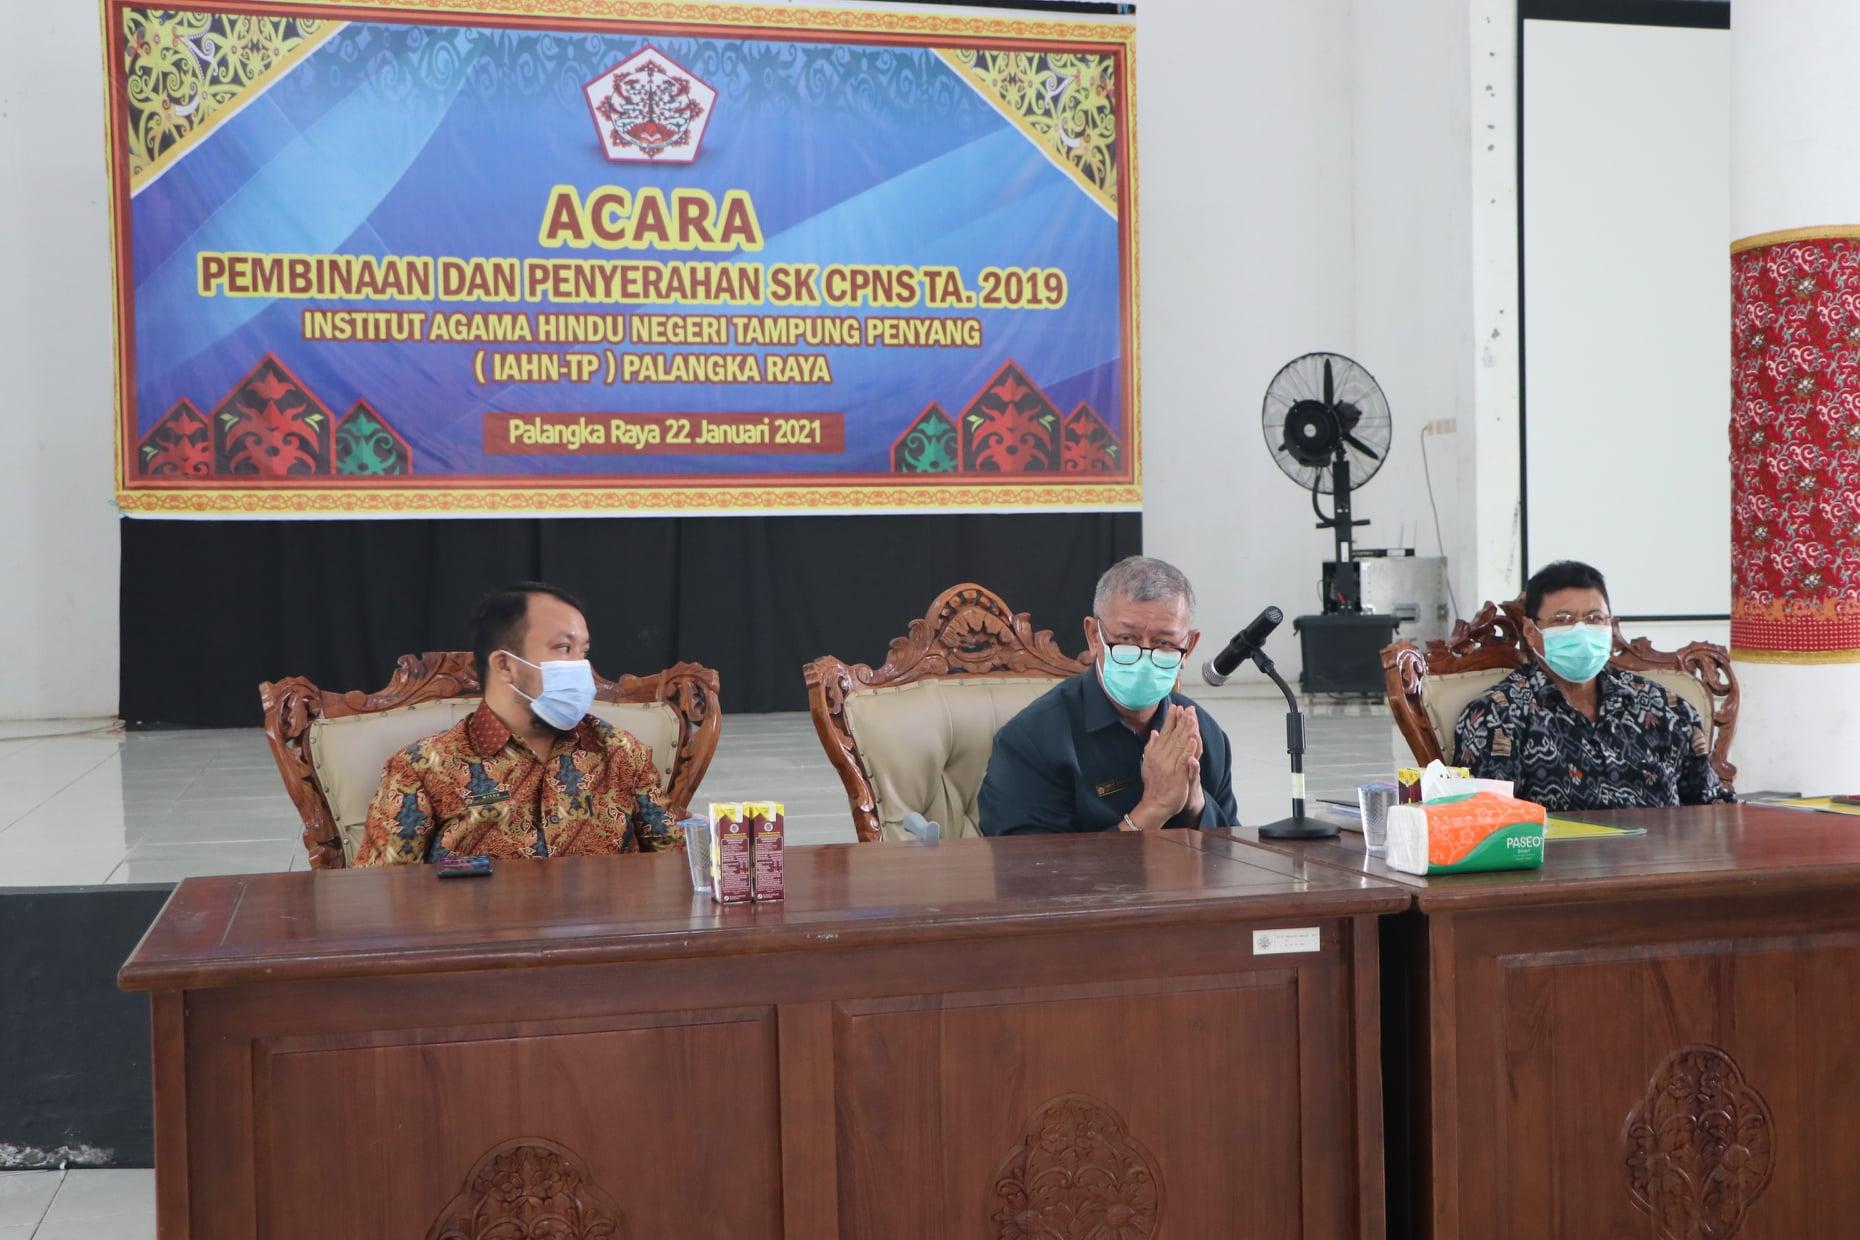 Rektor didampingi oleh Wakil Rektor II dan Kepala Biro AUAK dalam kegiatan penyerahan SK CPNS 2019